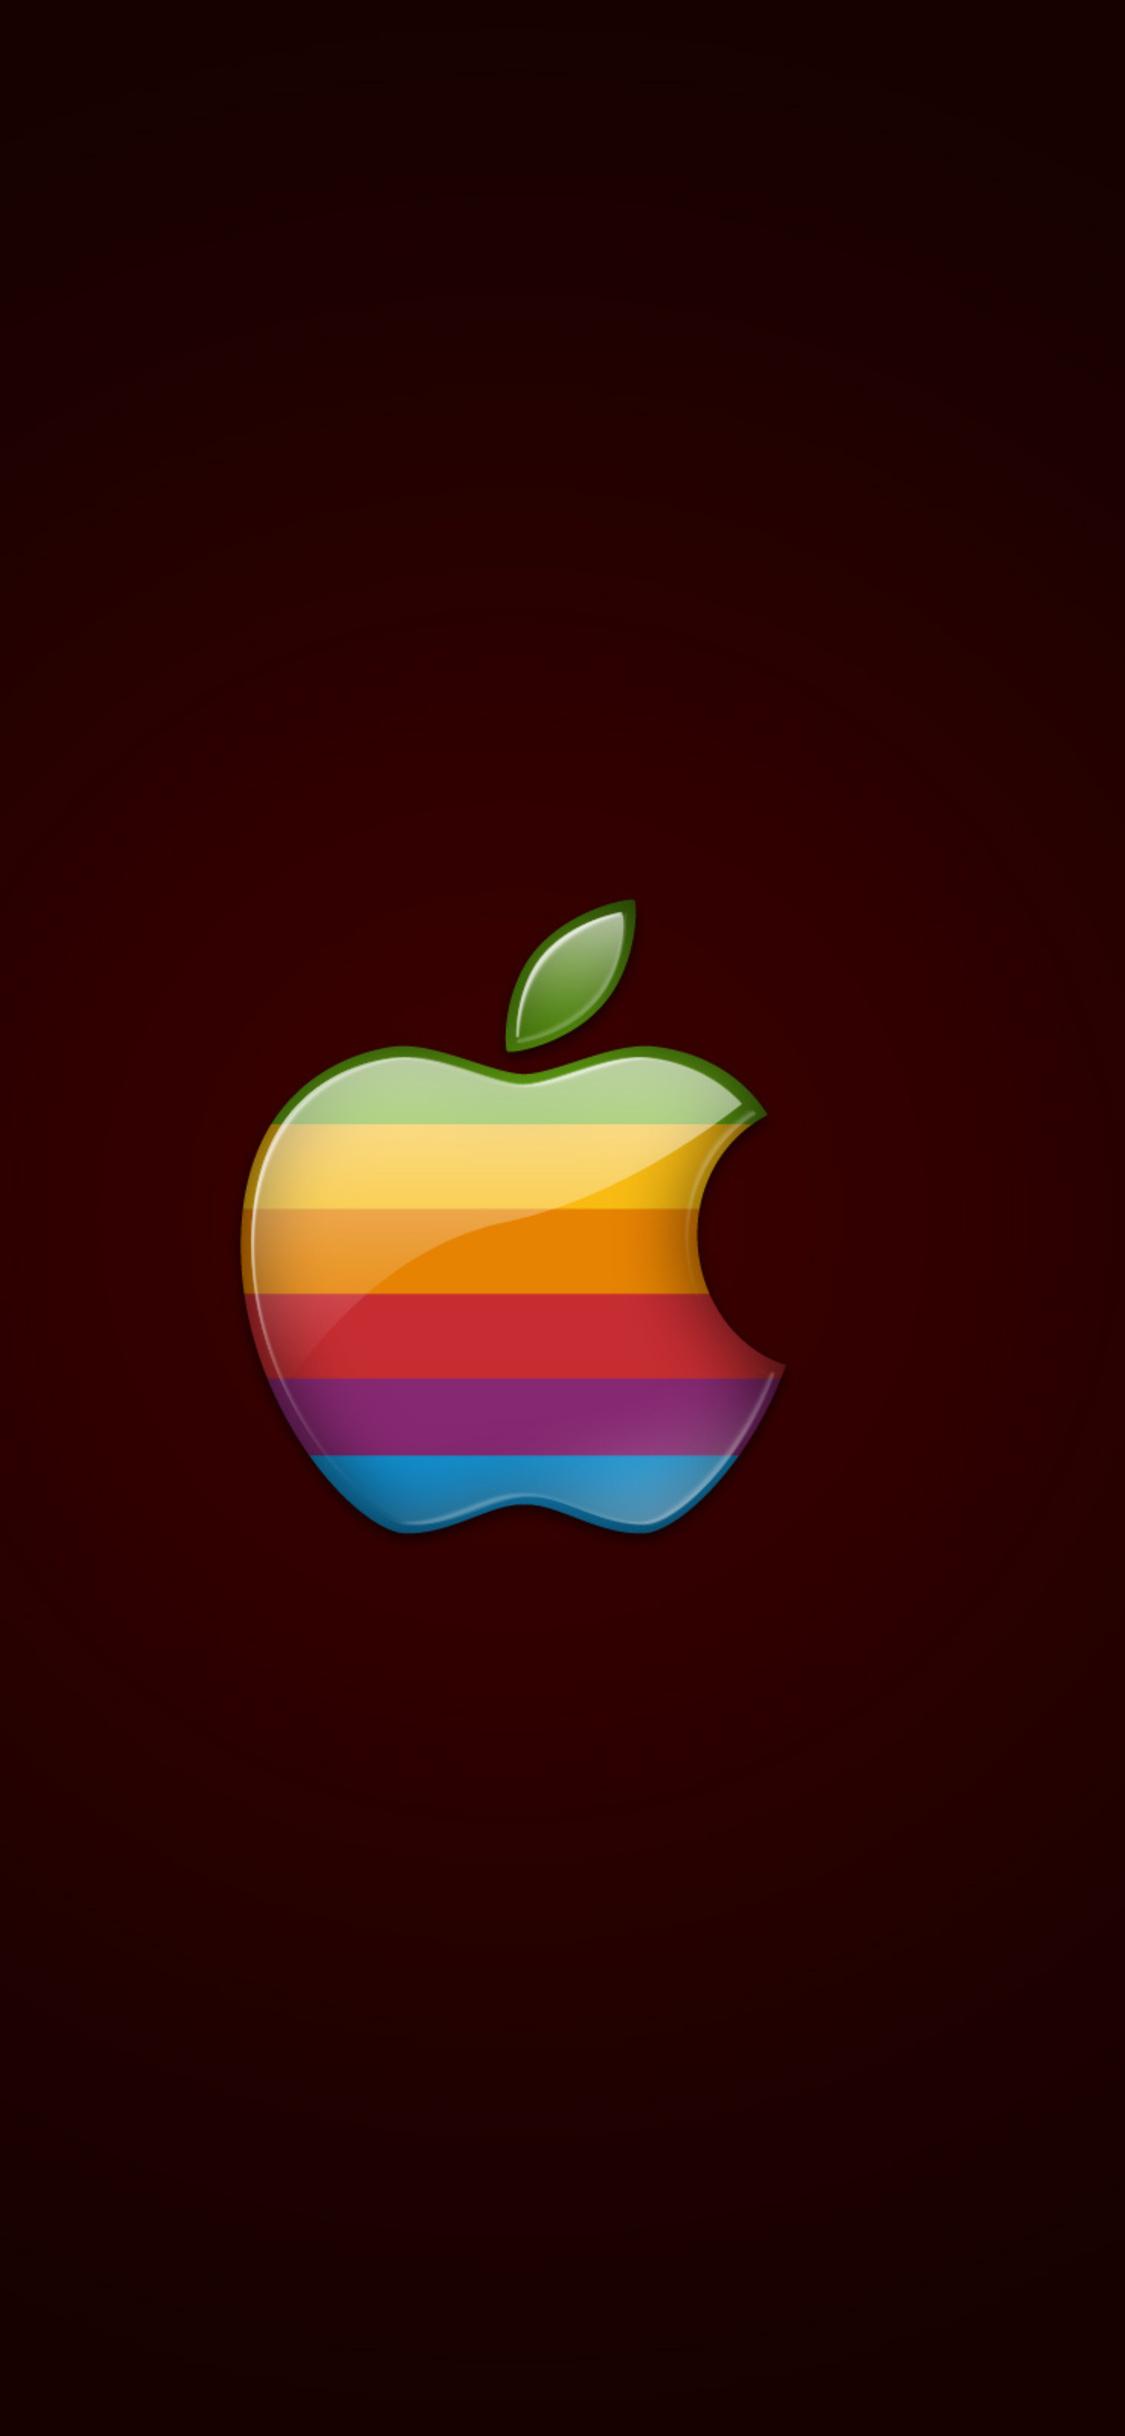 retro apple logo xk